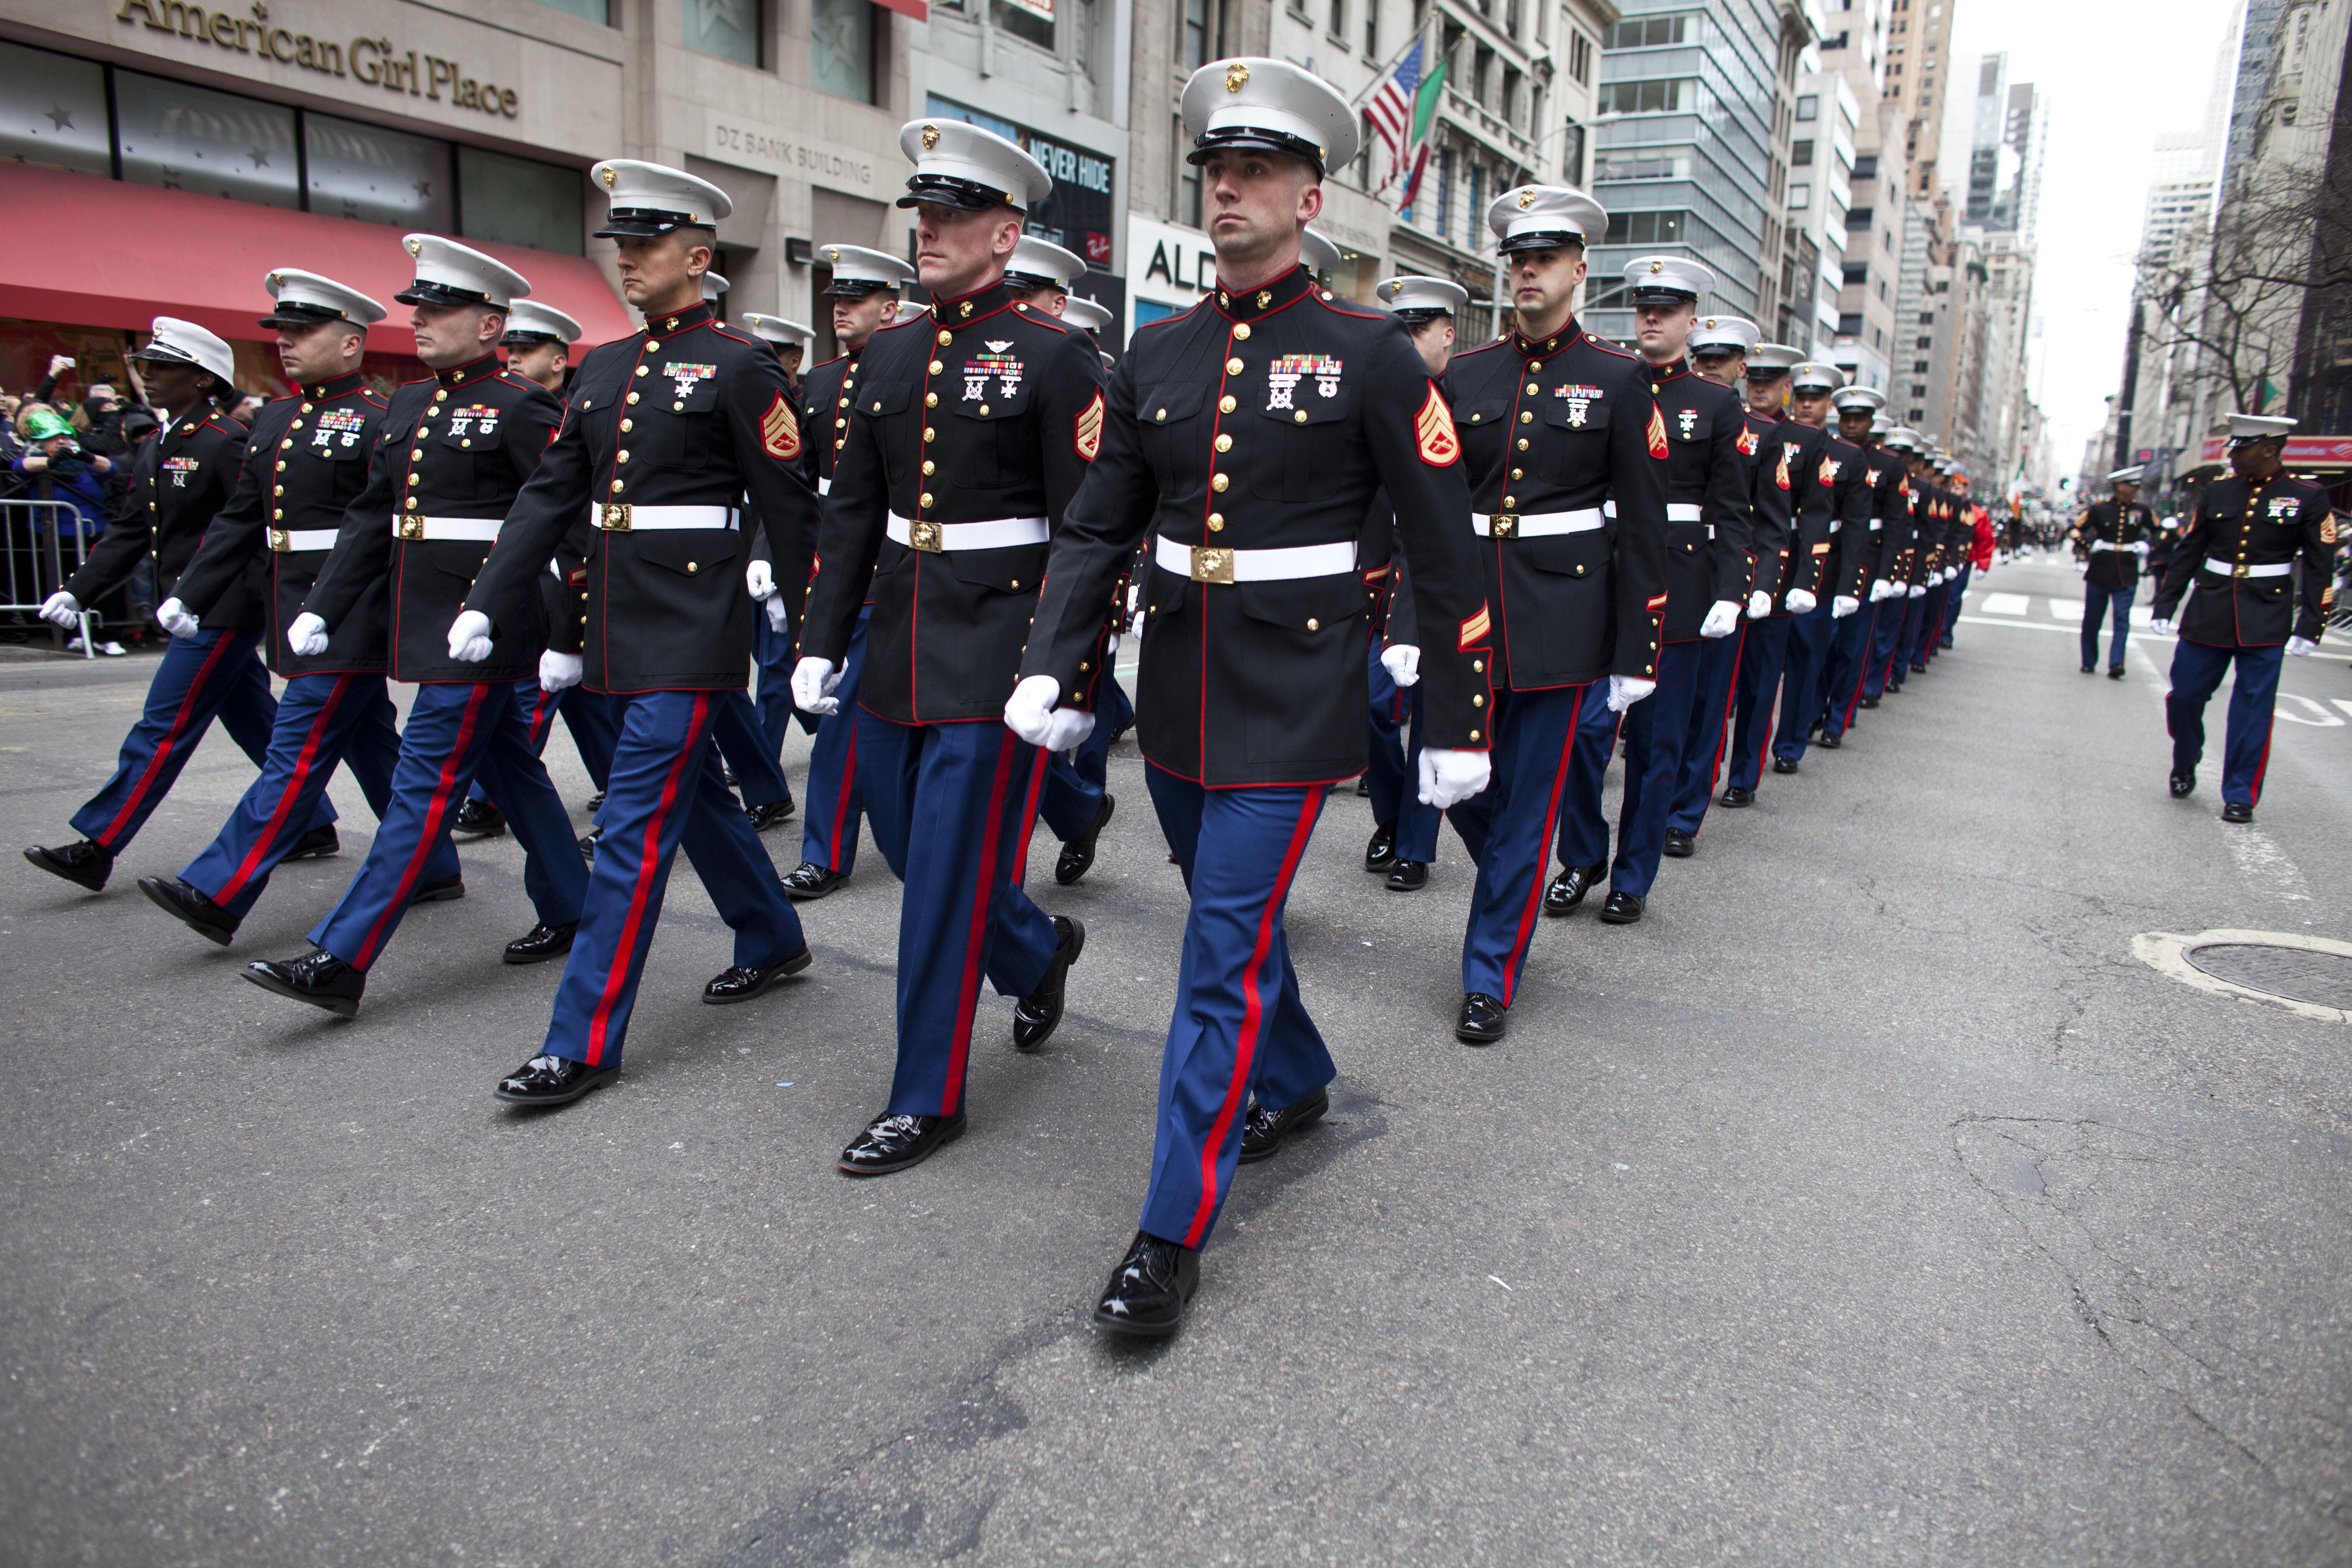 How to Wear a Marine Corps Dress Uniform